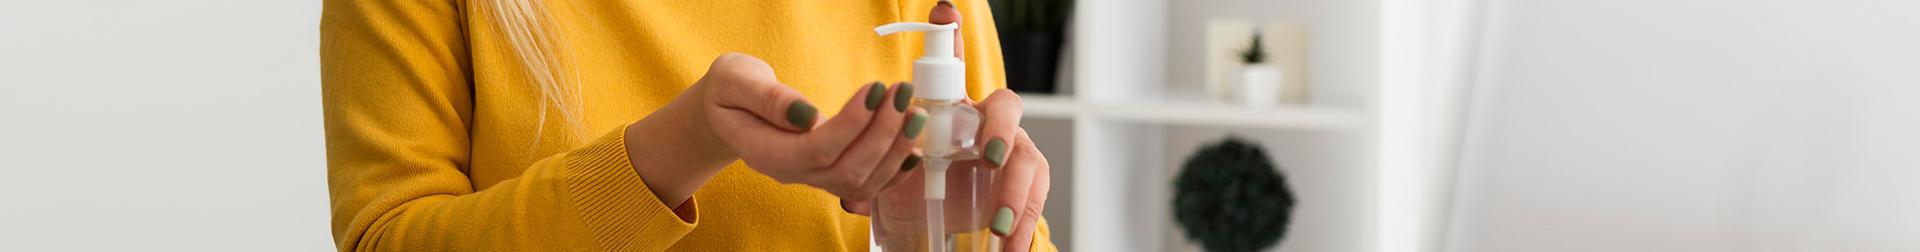 Sanitizers | Hand Sanitizers Online - Buy Liquid & Gel Hand Sanitizers | AromaCraze